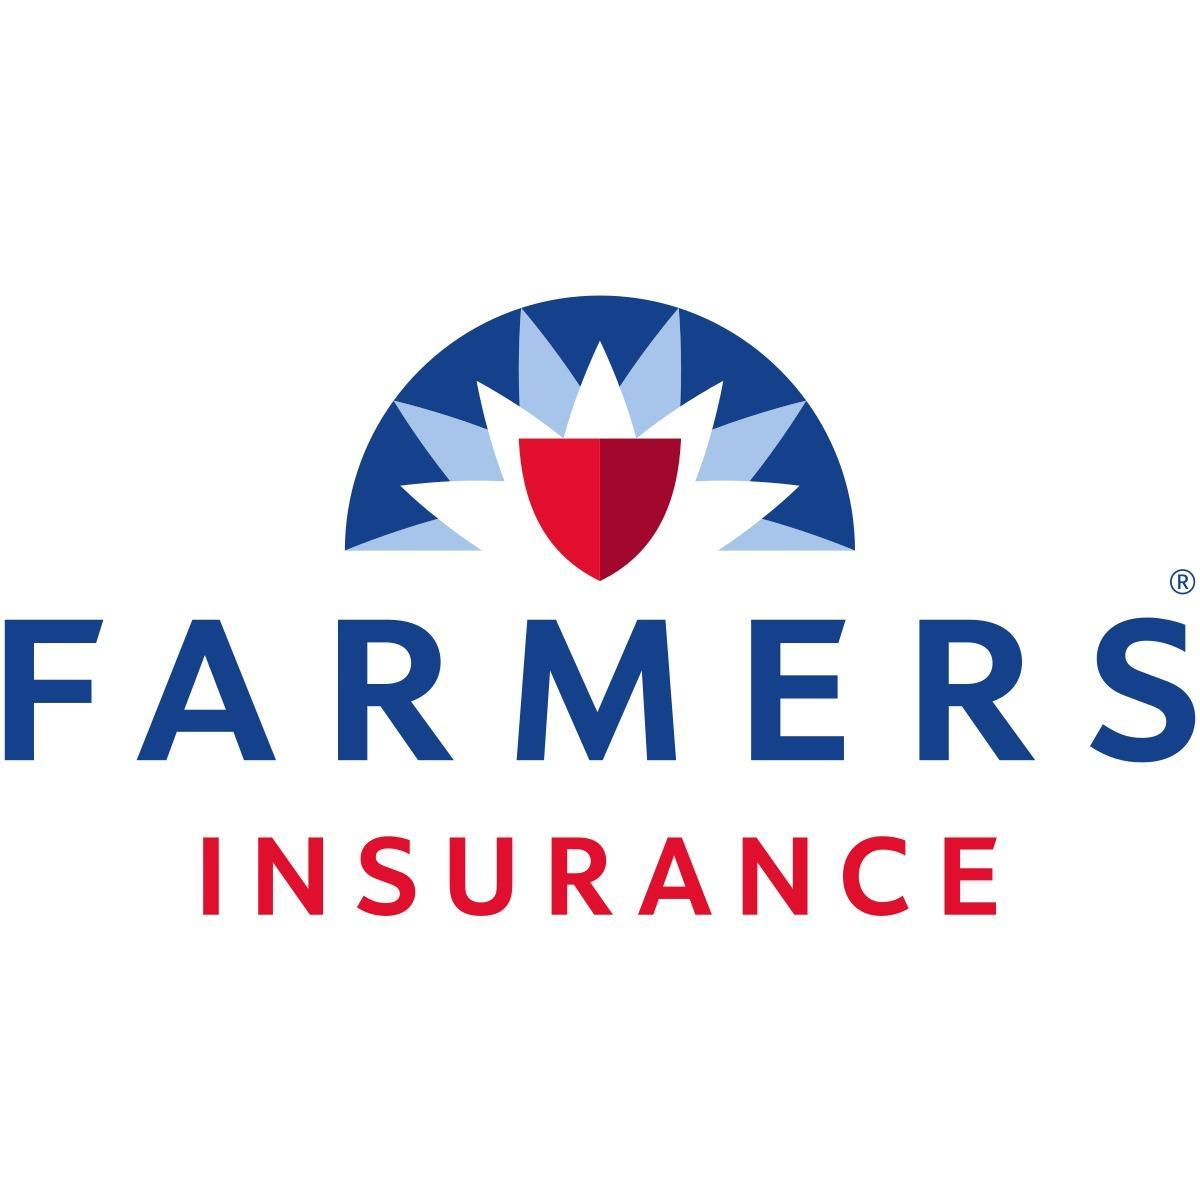 Farmers Insurance - East Texas Farmers Agency